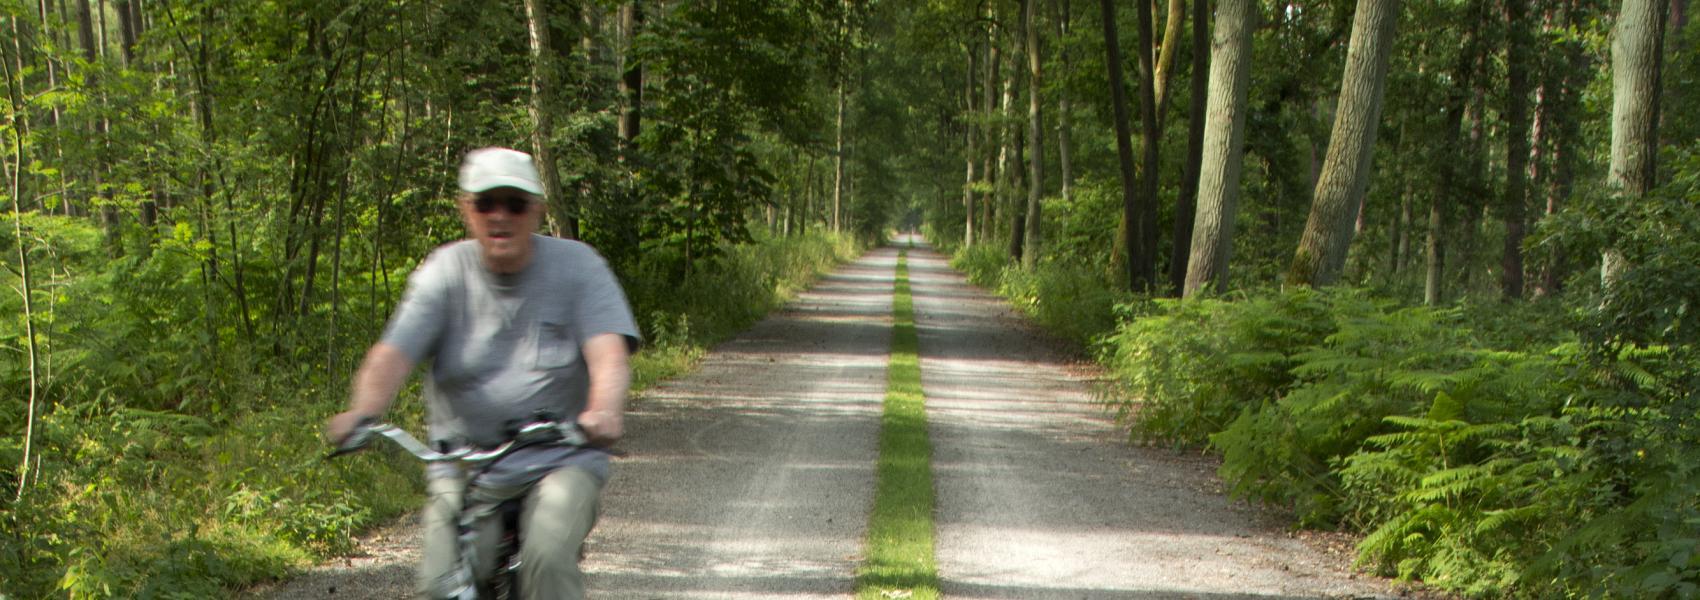 fietser op de verharde weg in het bos